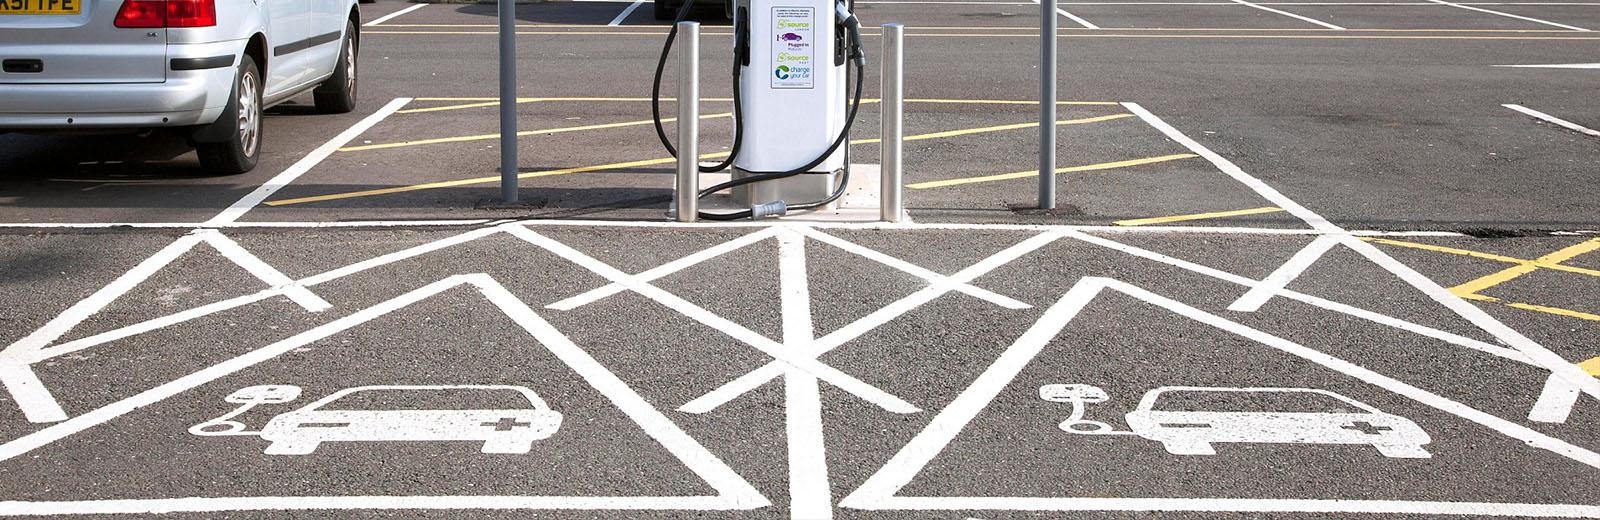 Public EV charging spaces